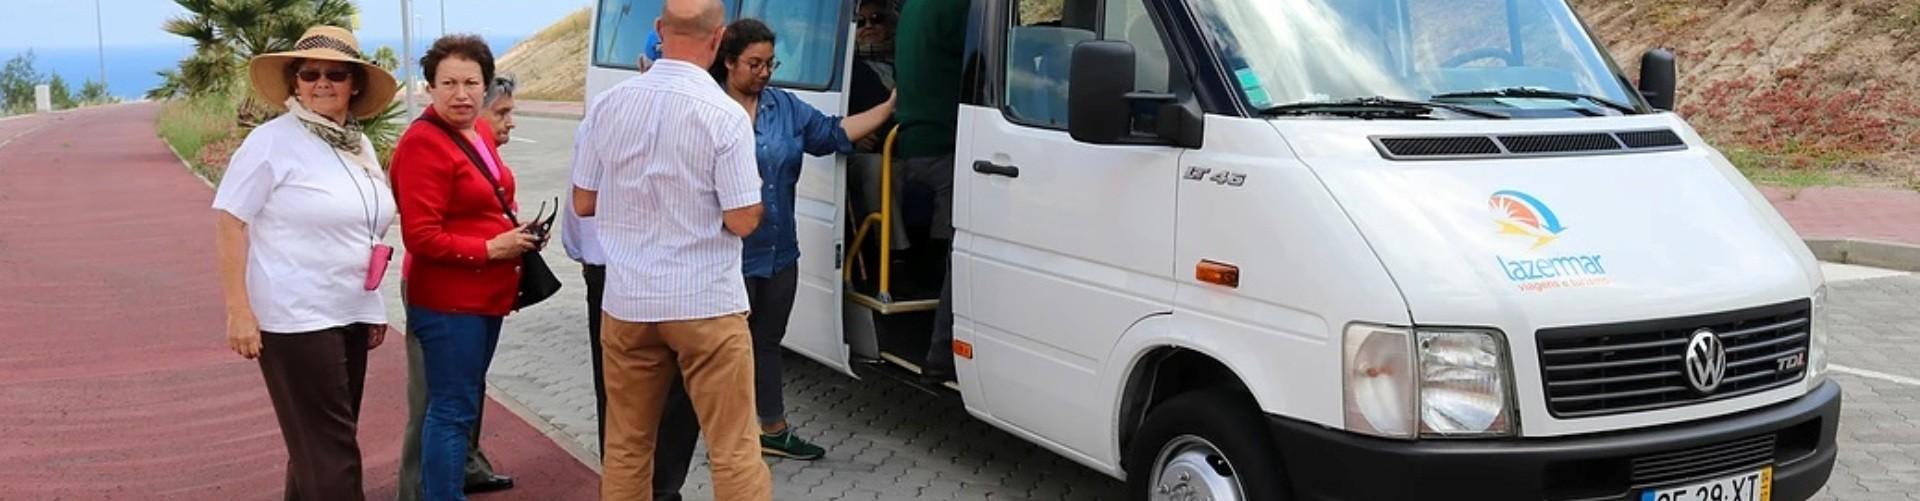 Porto Santo Transfers Shuttle Service